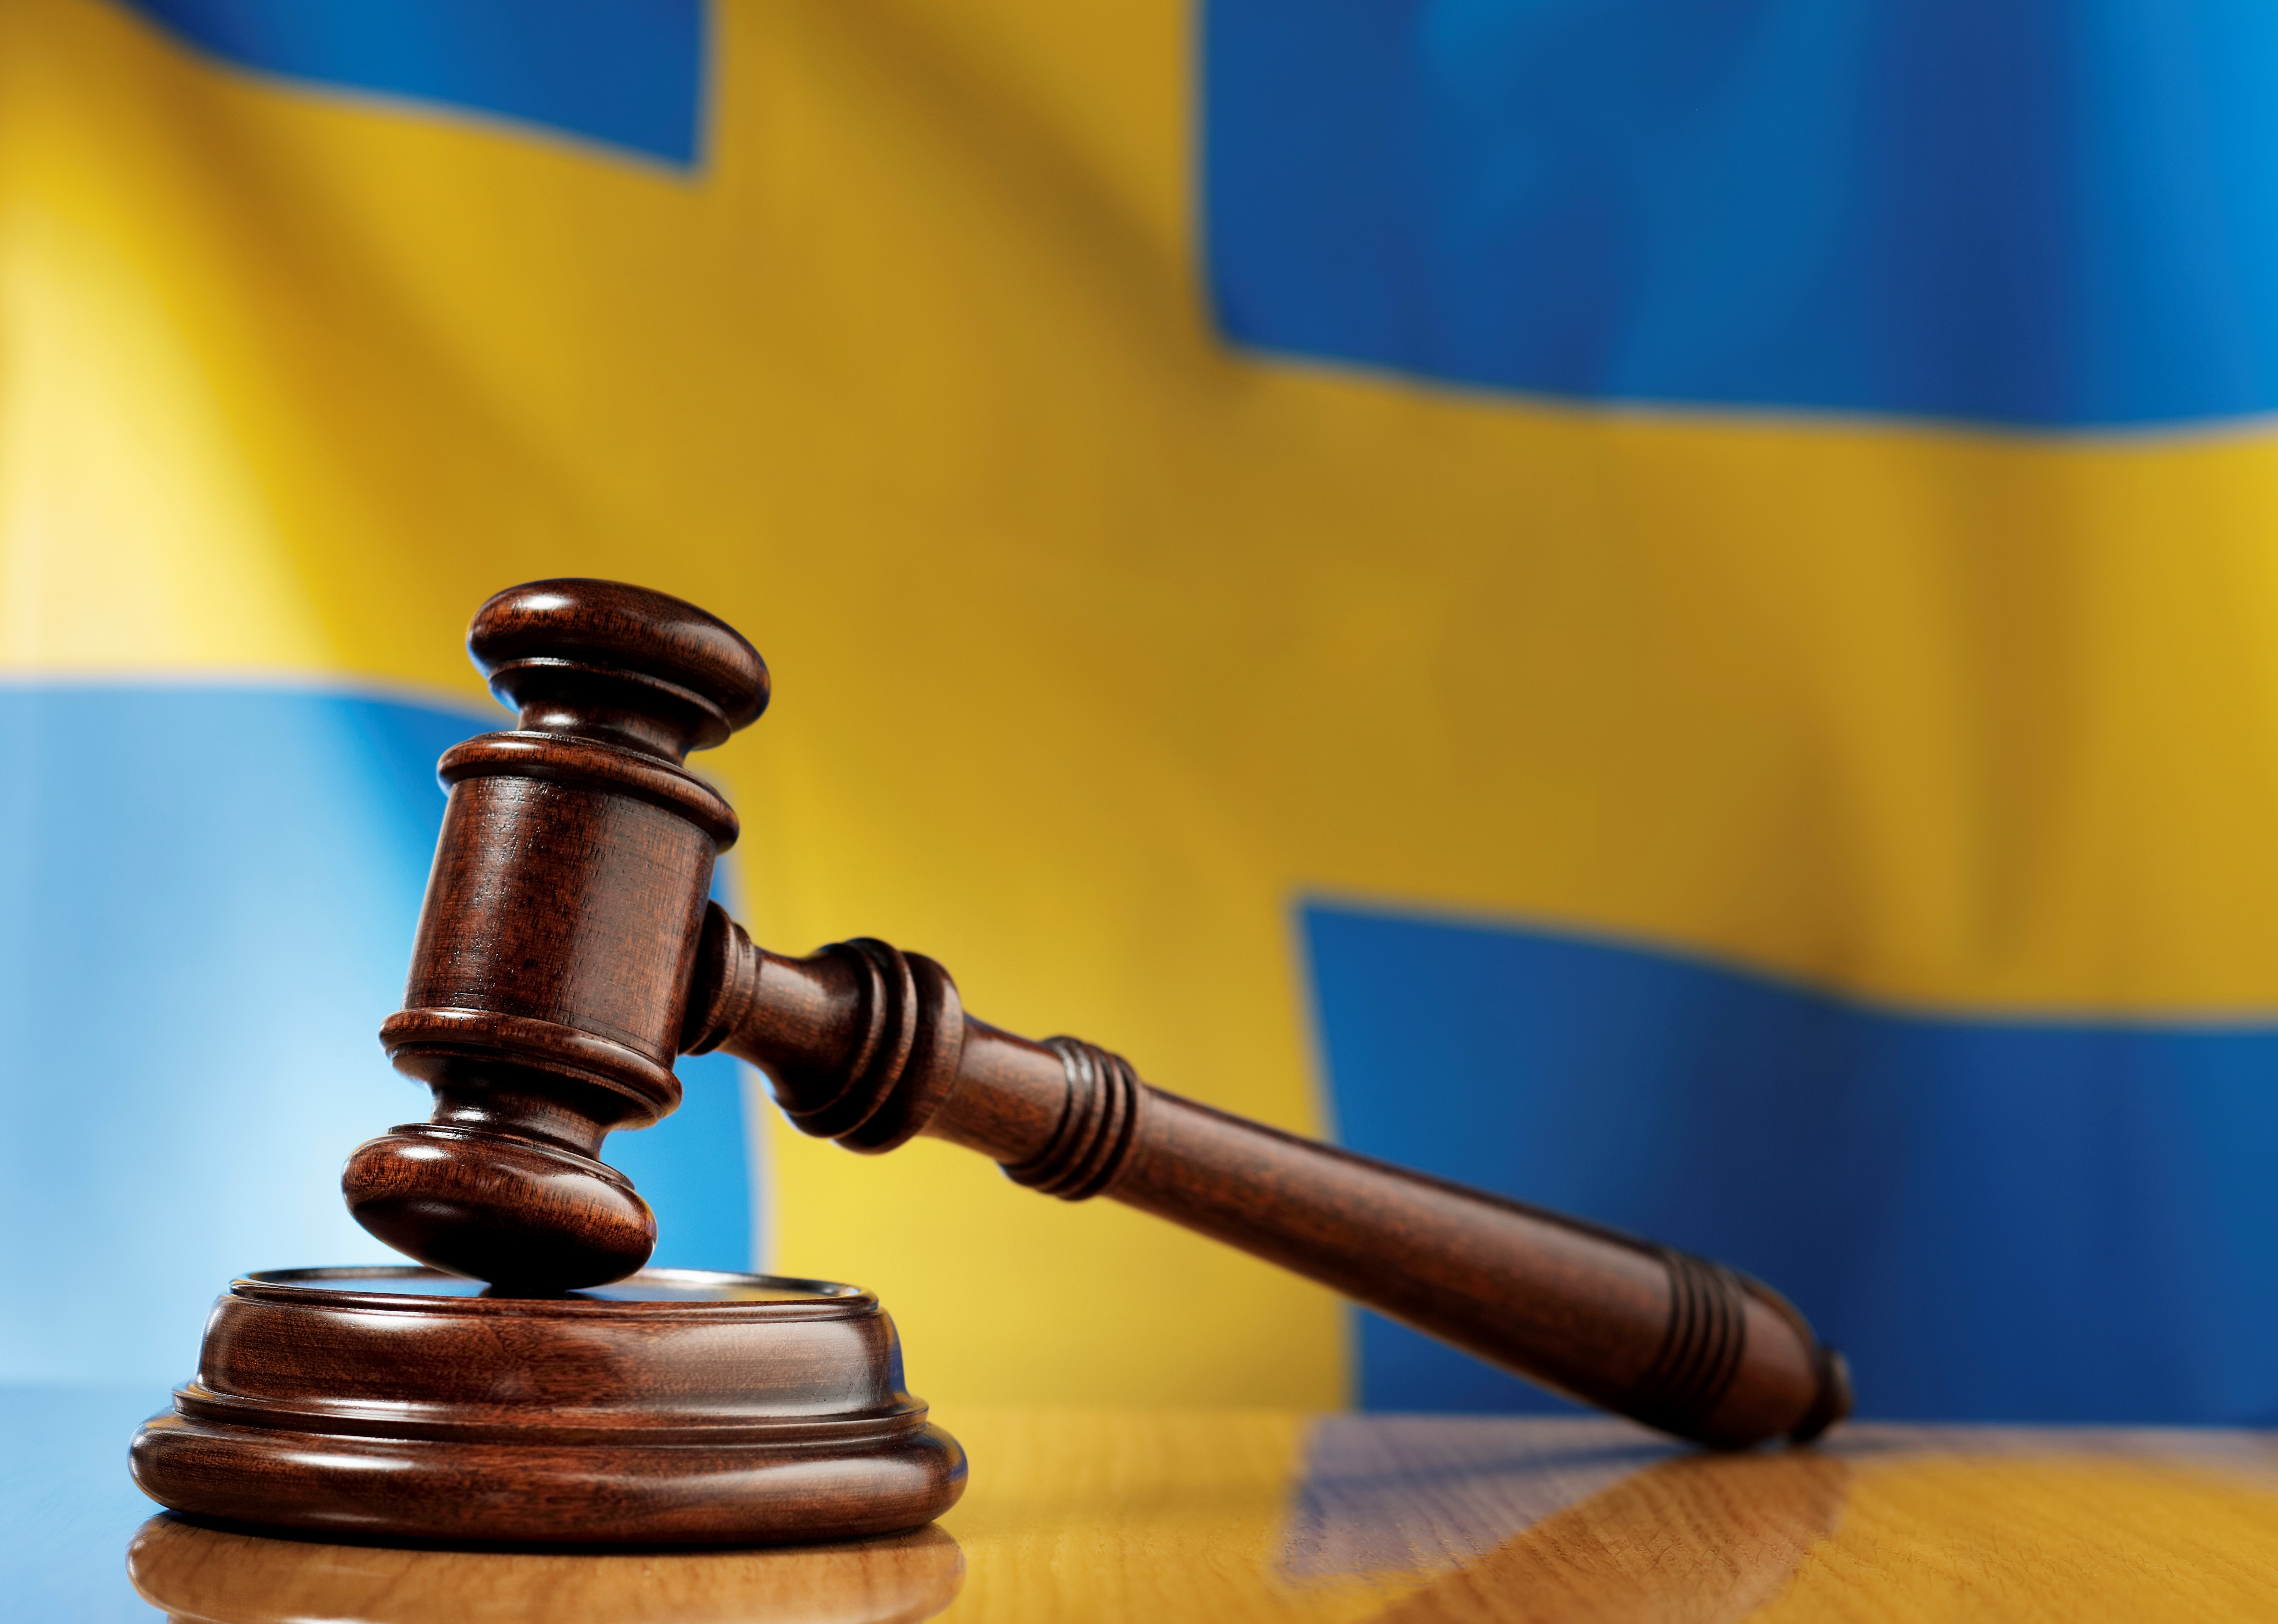 Anbud365: Bare en leverandør på en rammeavtale med minikonkurranser holder ikke